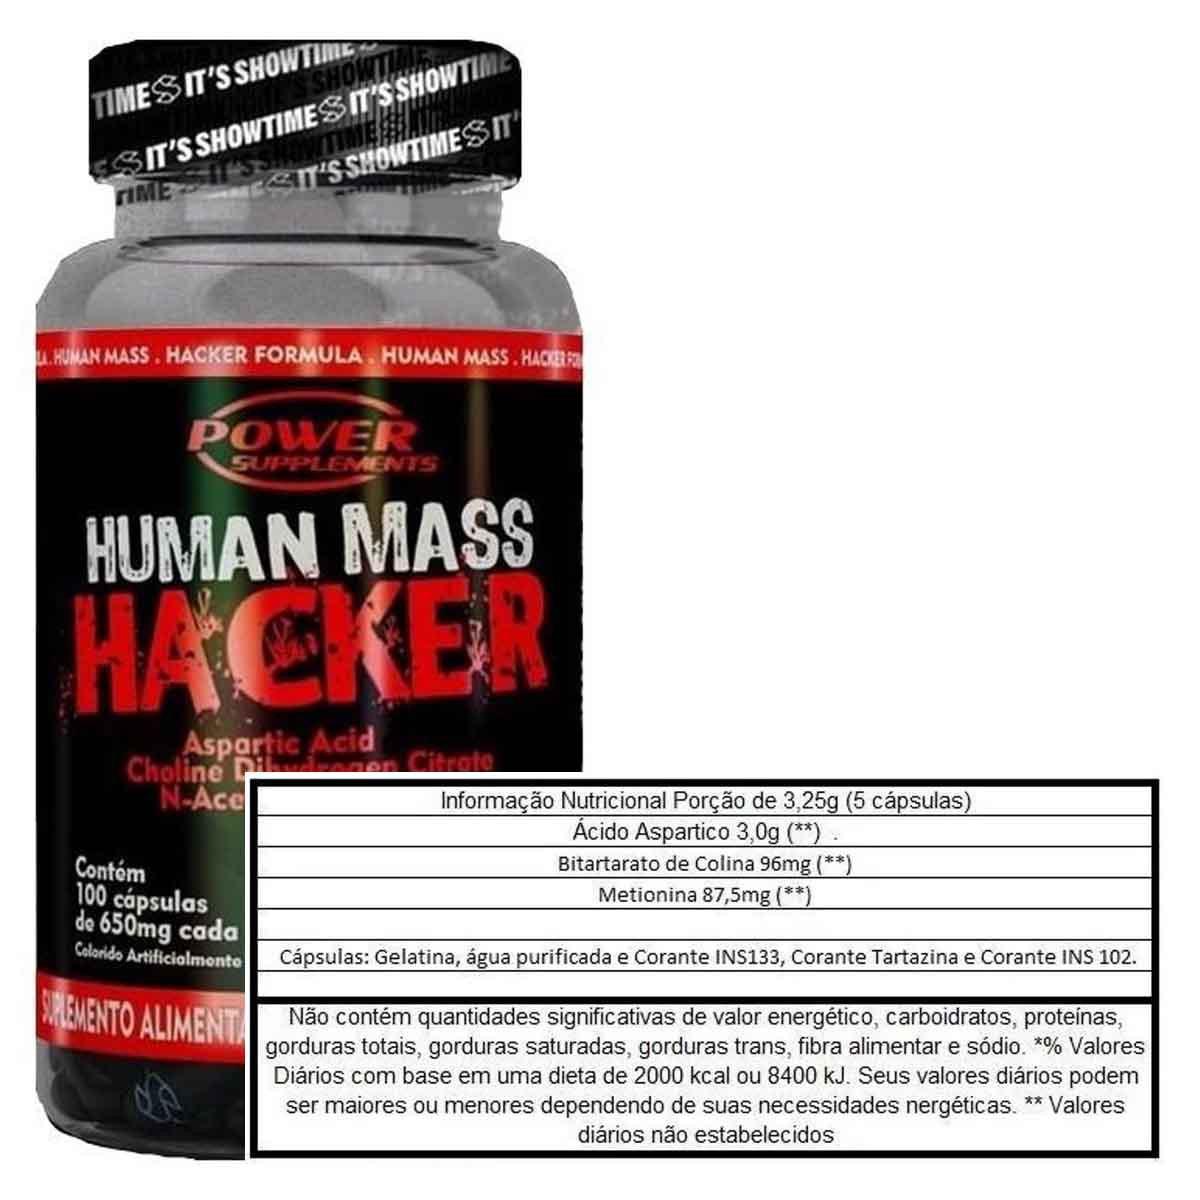 Human Mass Hacker 100 cápsulas - Power Supplements